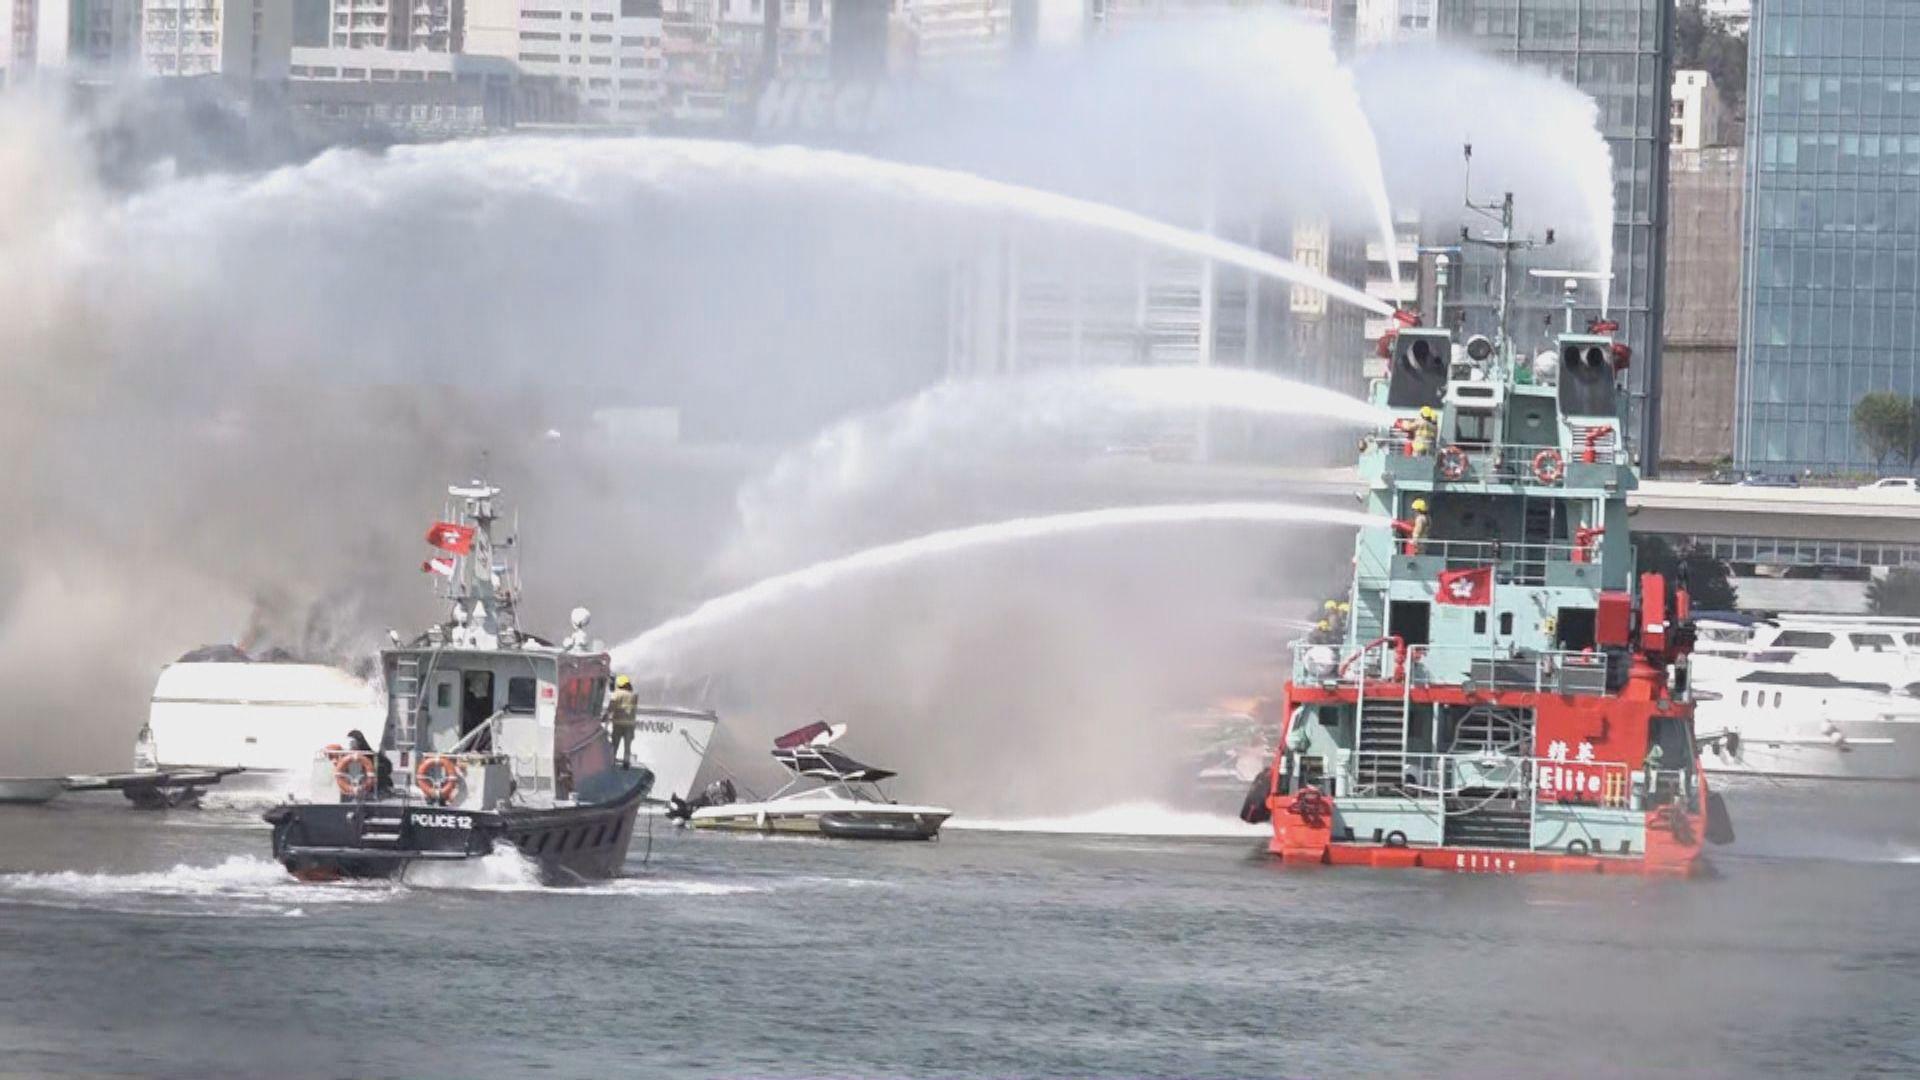 觀塘避風塘有遊艇發生火警 暫未知起火原因